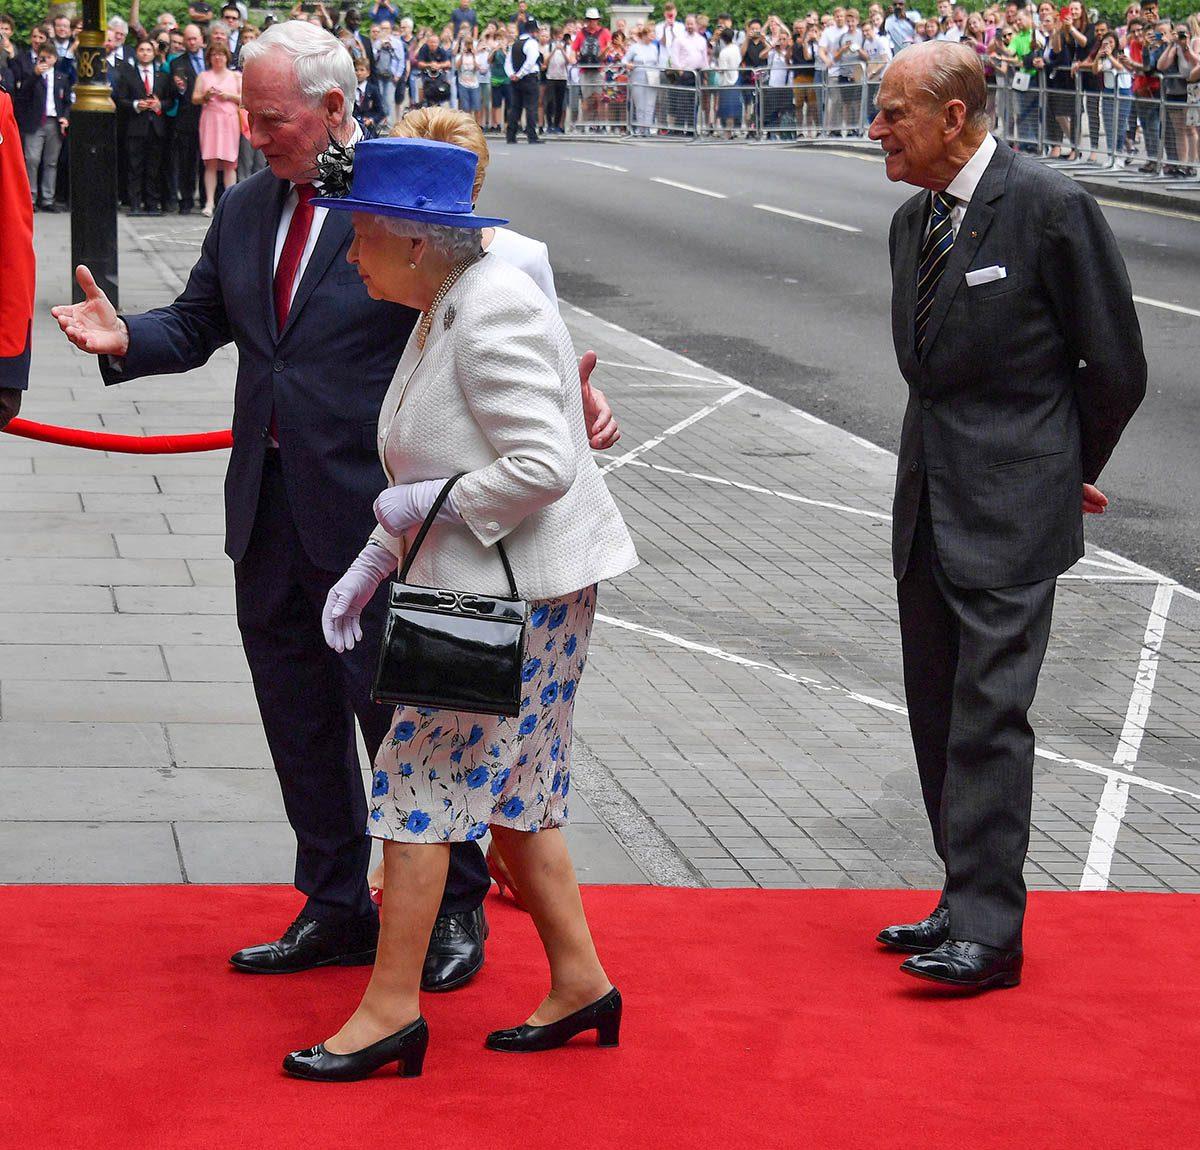 La reine Élisabeth II a permis qu'on la touche.